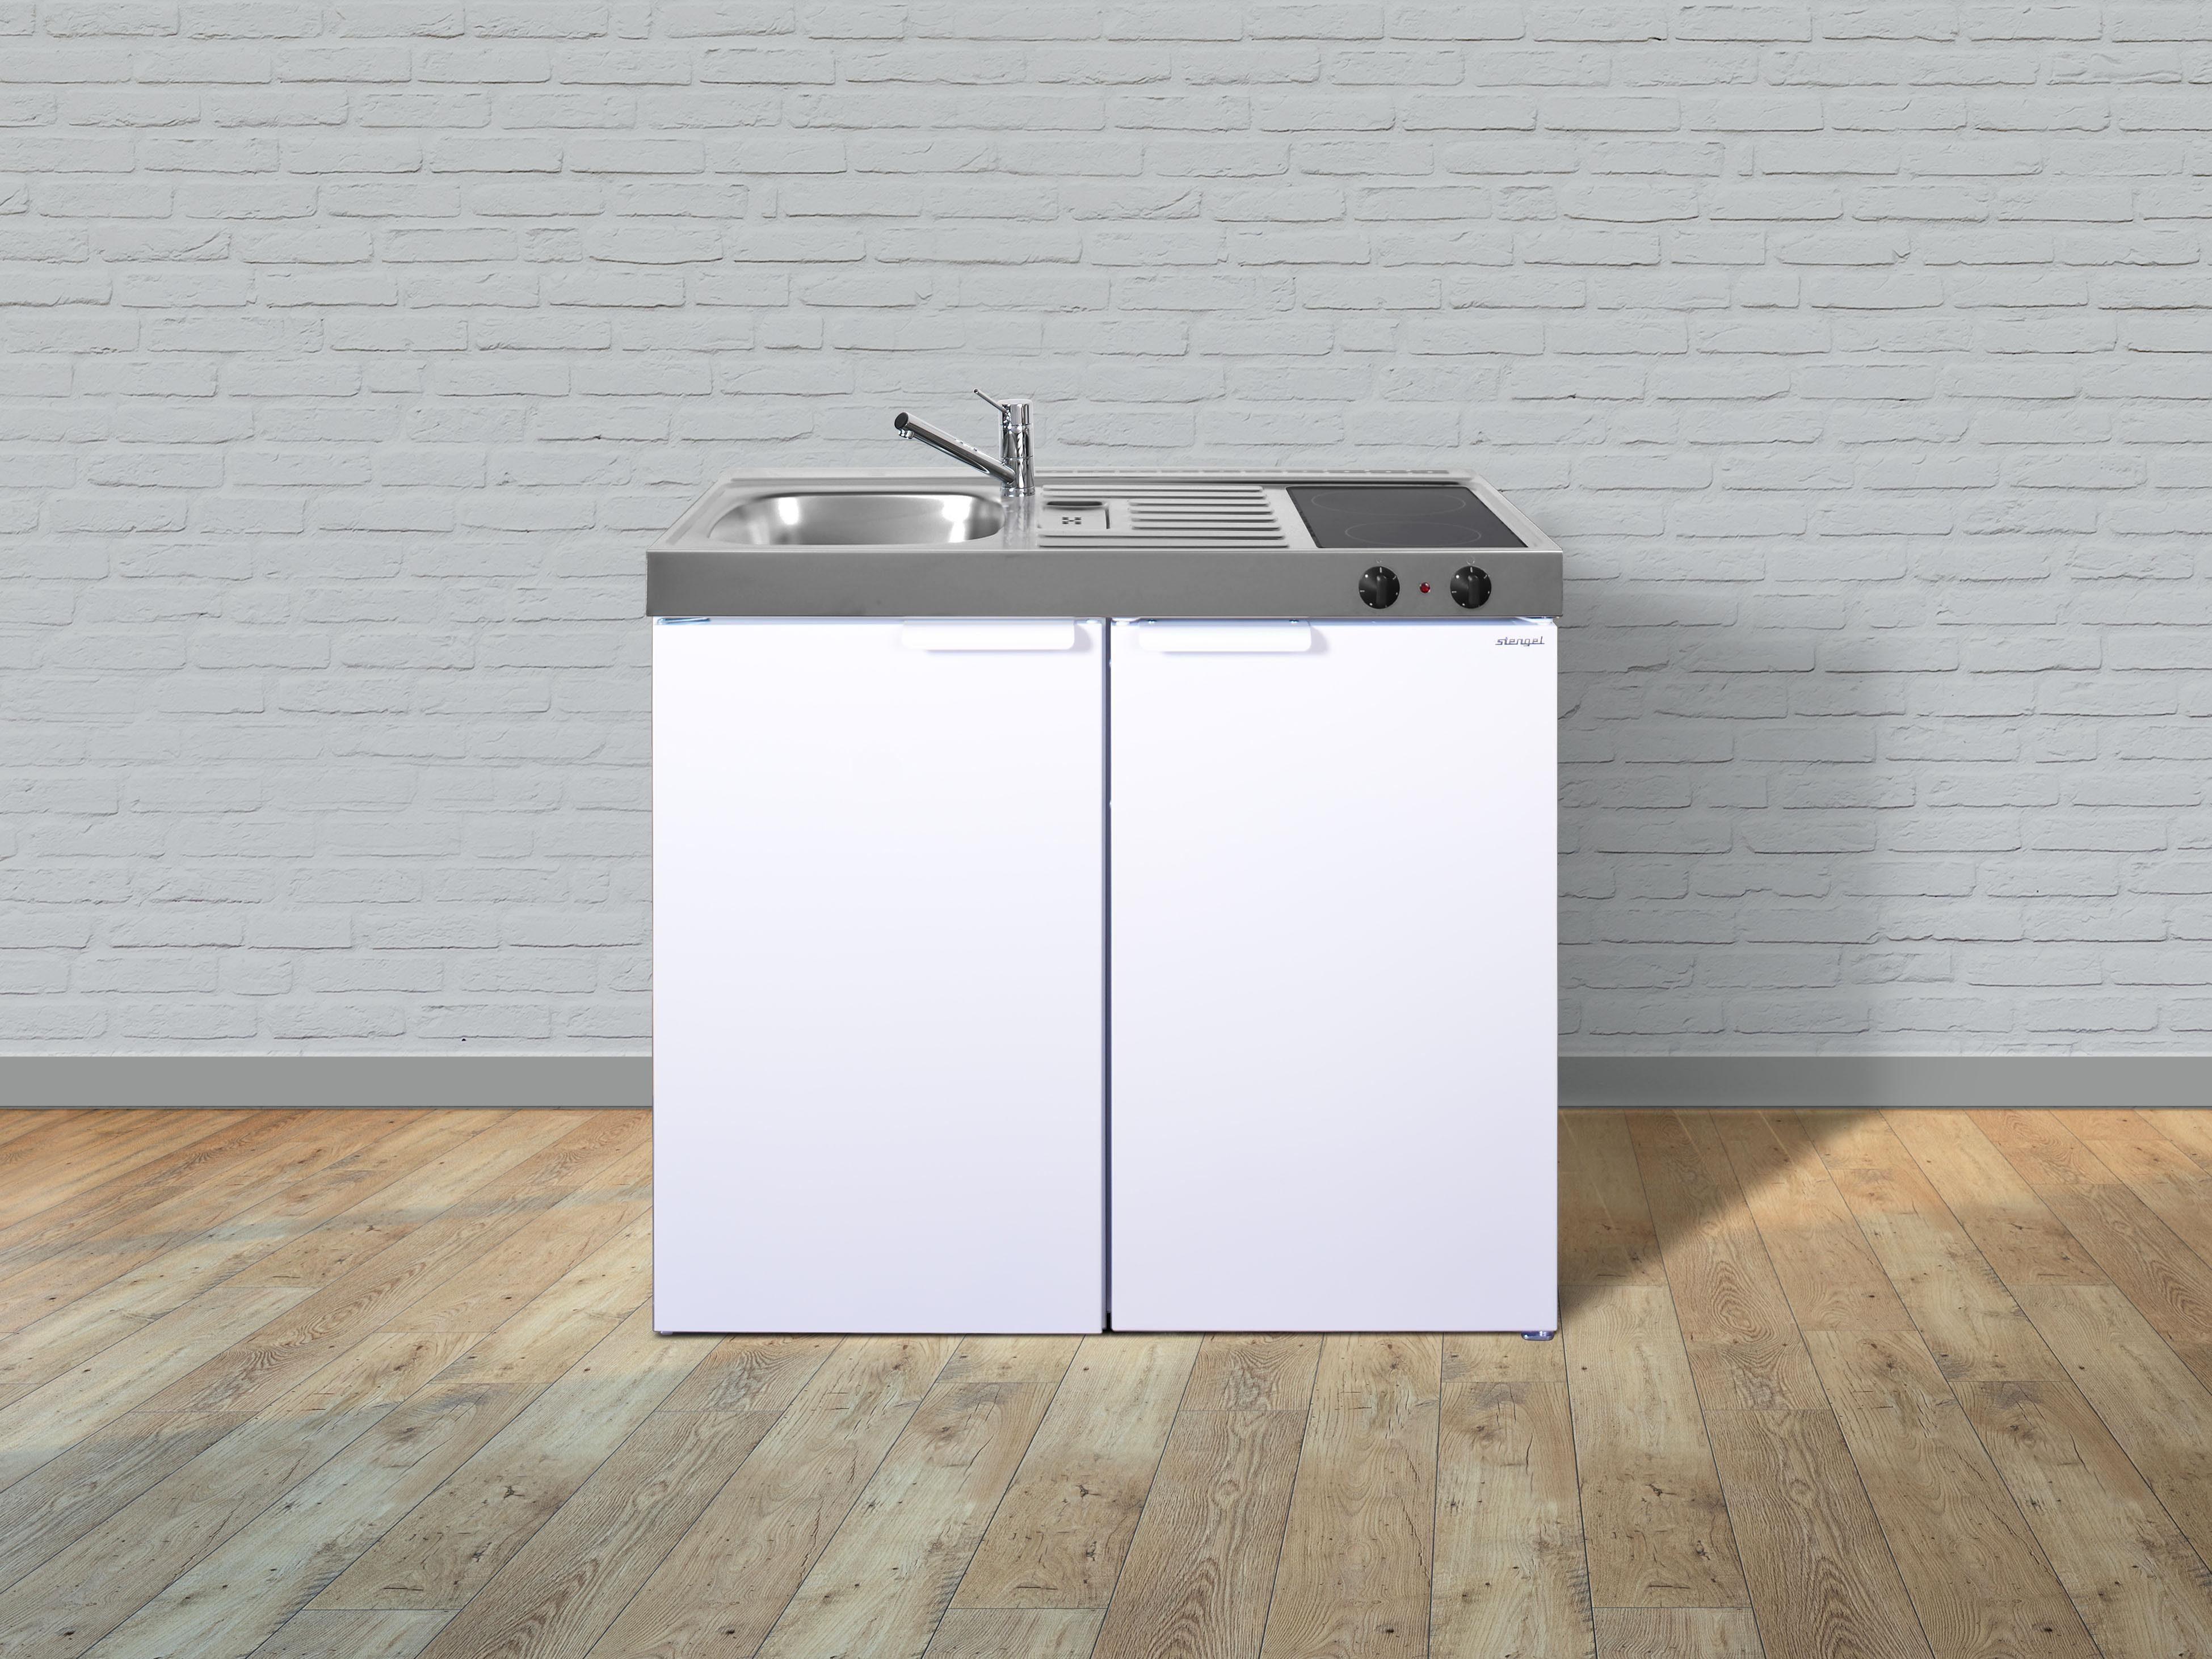 Miniküche Mit Kühlschrank Kaufen : Stengel metall miniküche kitchenline mk kühlschrank